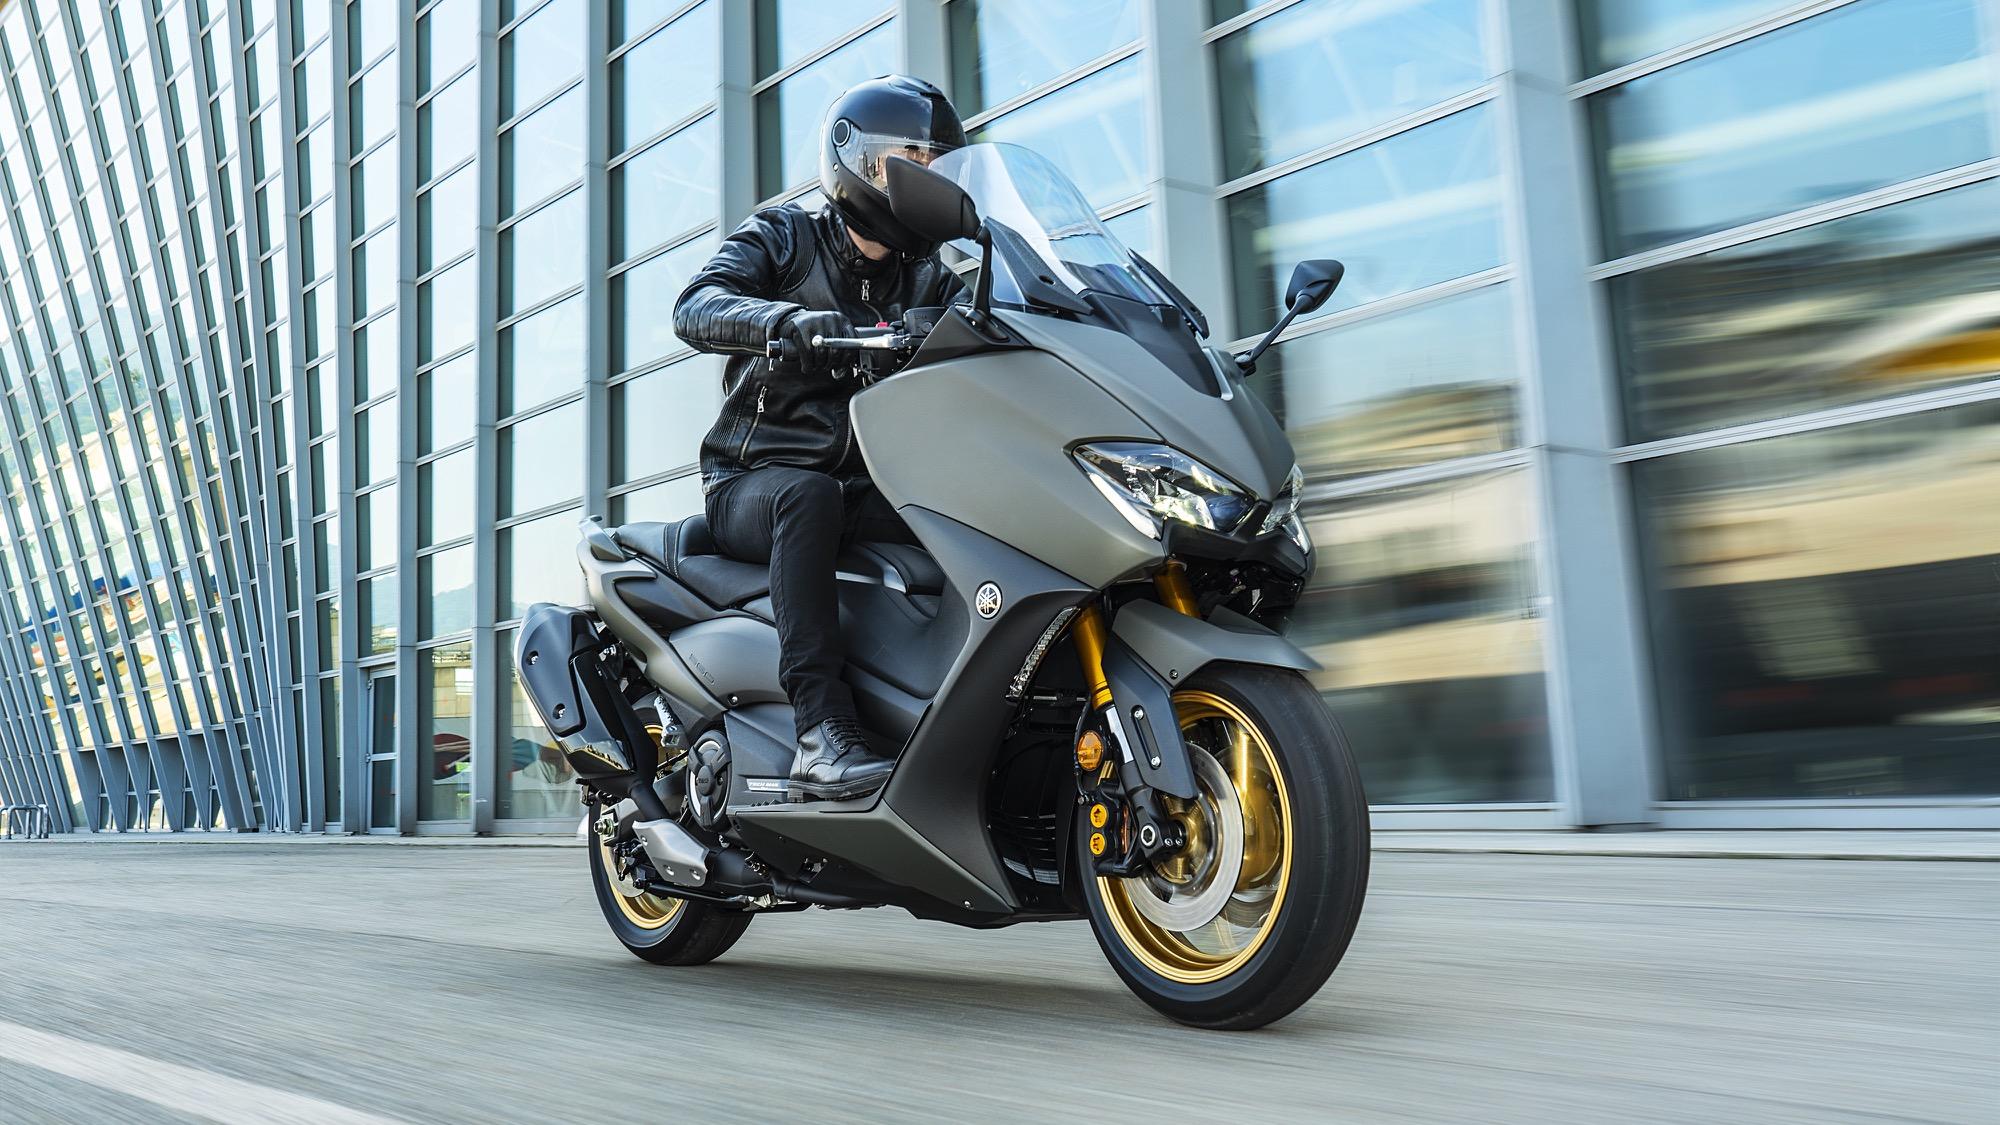 Yamaha TMAX 560 y TMAX Tech Max 2020, el scooter deportivo se renueva por dentro y por fuera